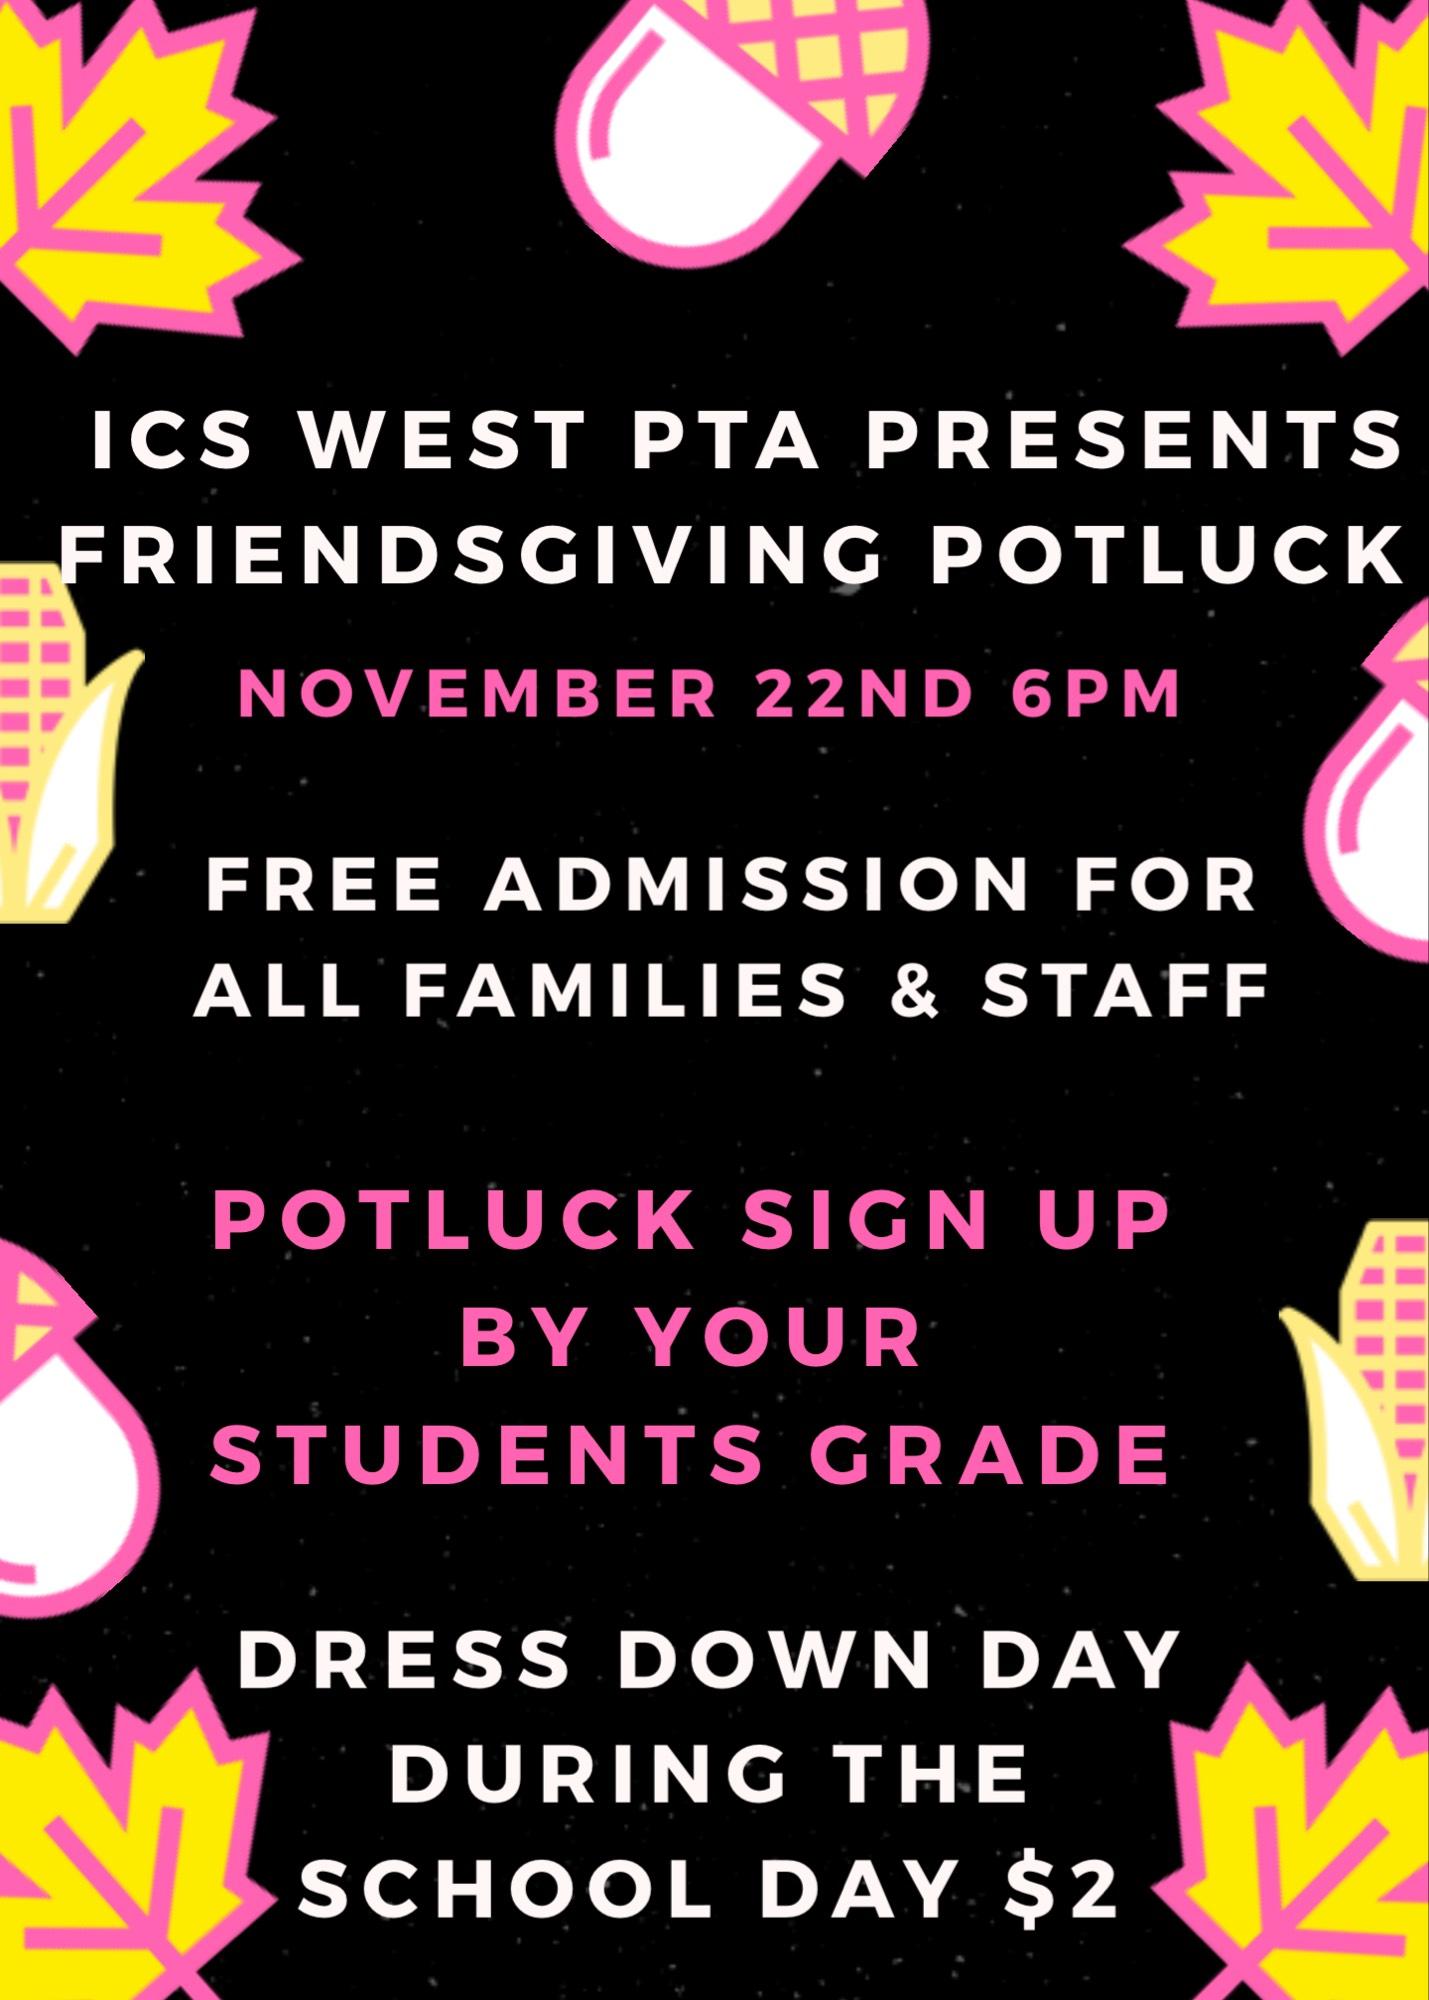 Ics West PTA Friendsgiving Potluck